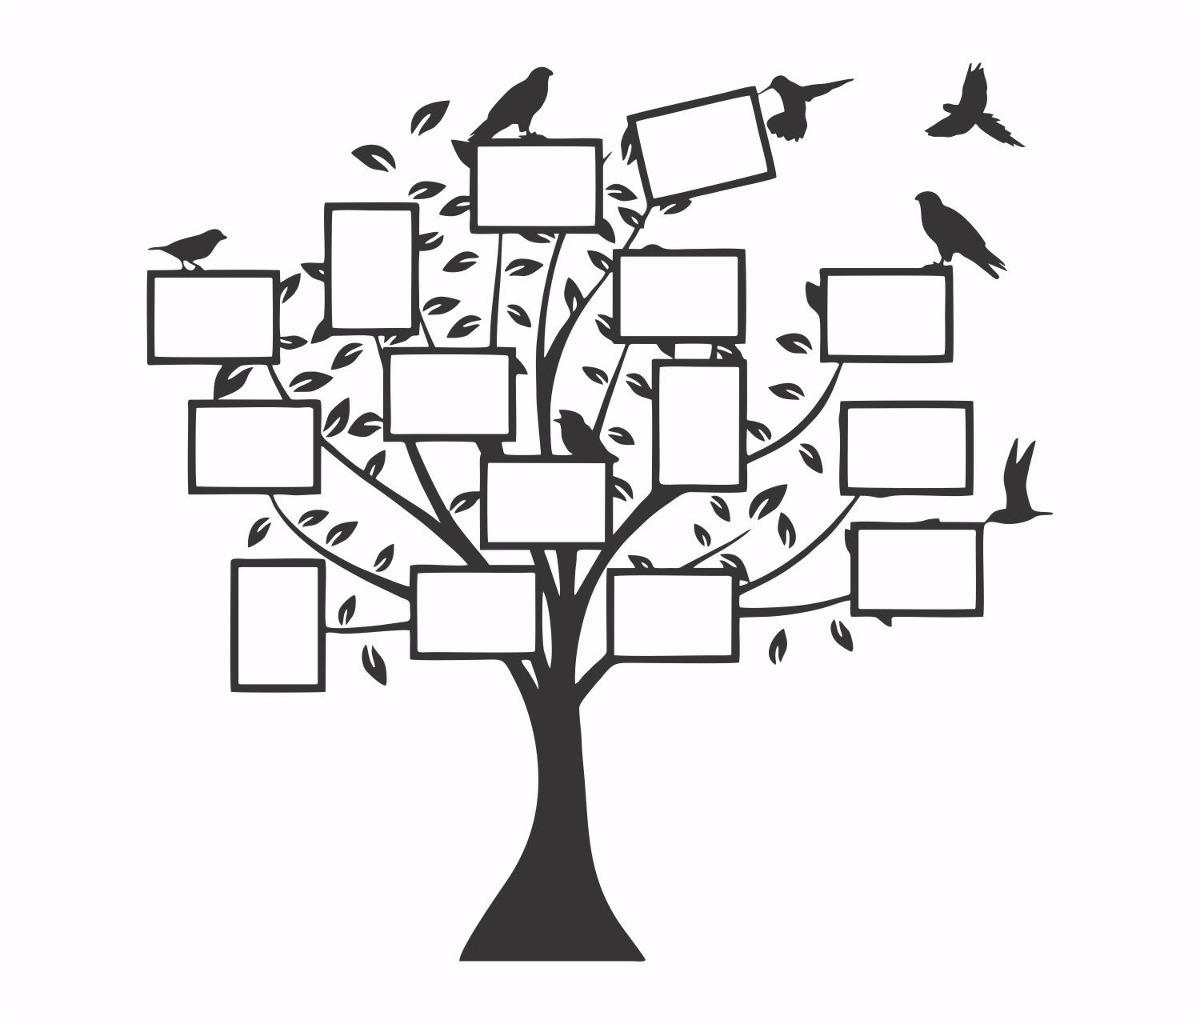 adesivo de parede arvore genealogica mod 35 r 139 90 em mercado livre